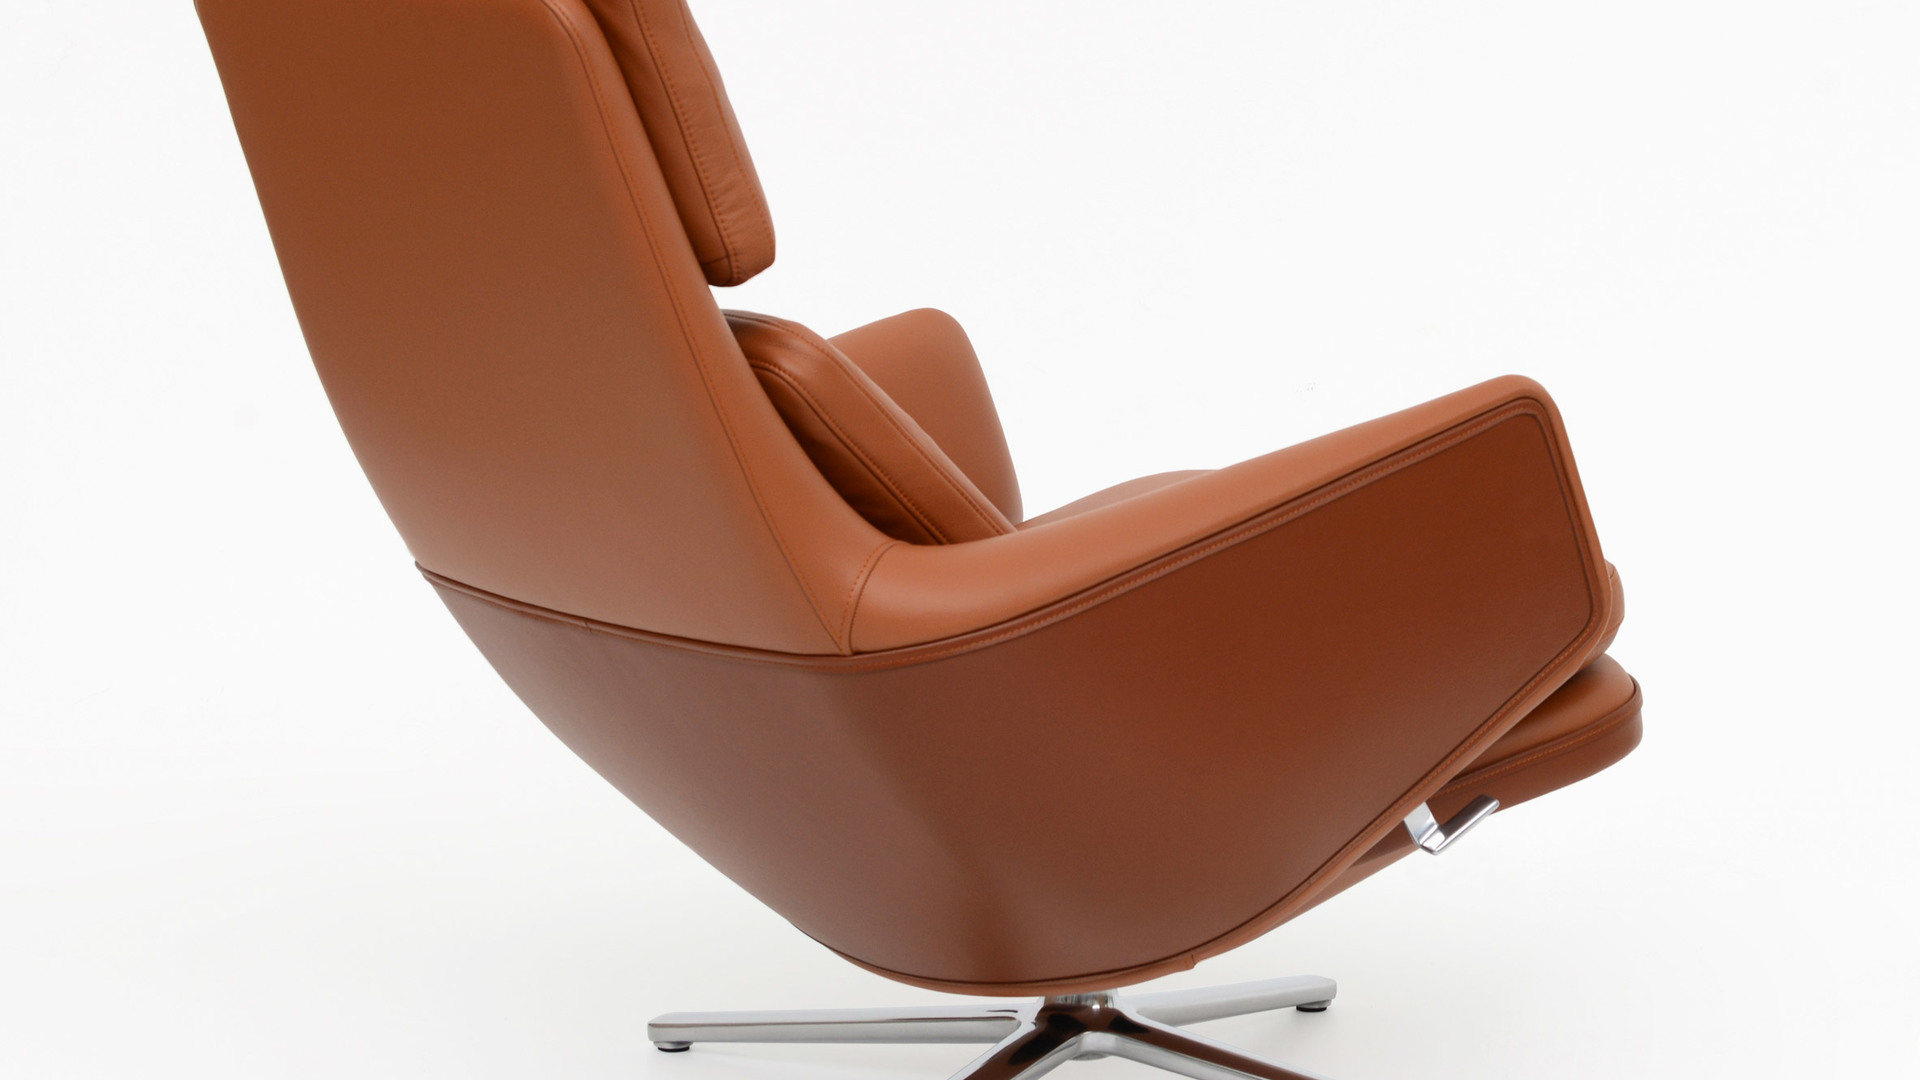 Grand Relax fauteuil 2.jpg